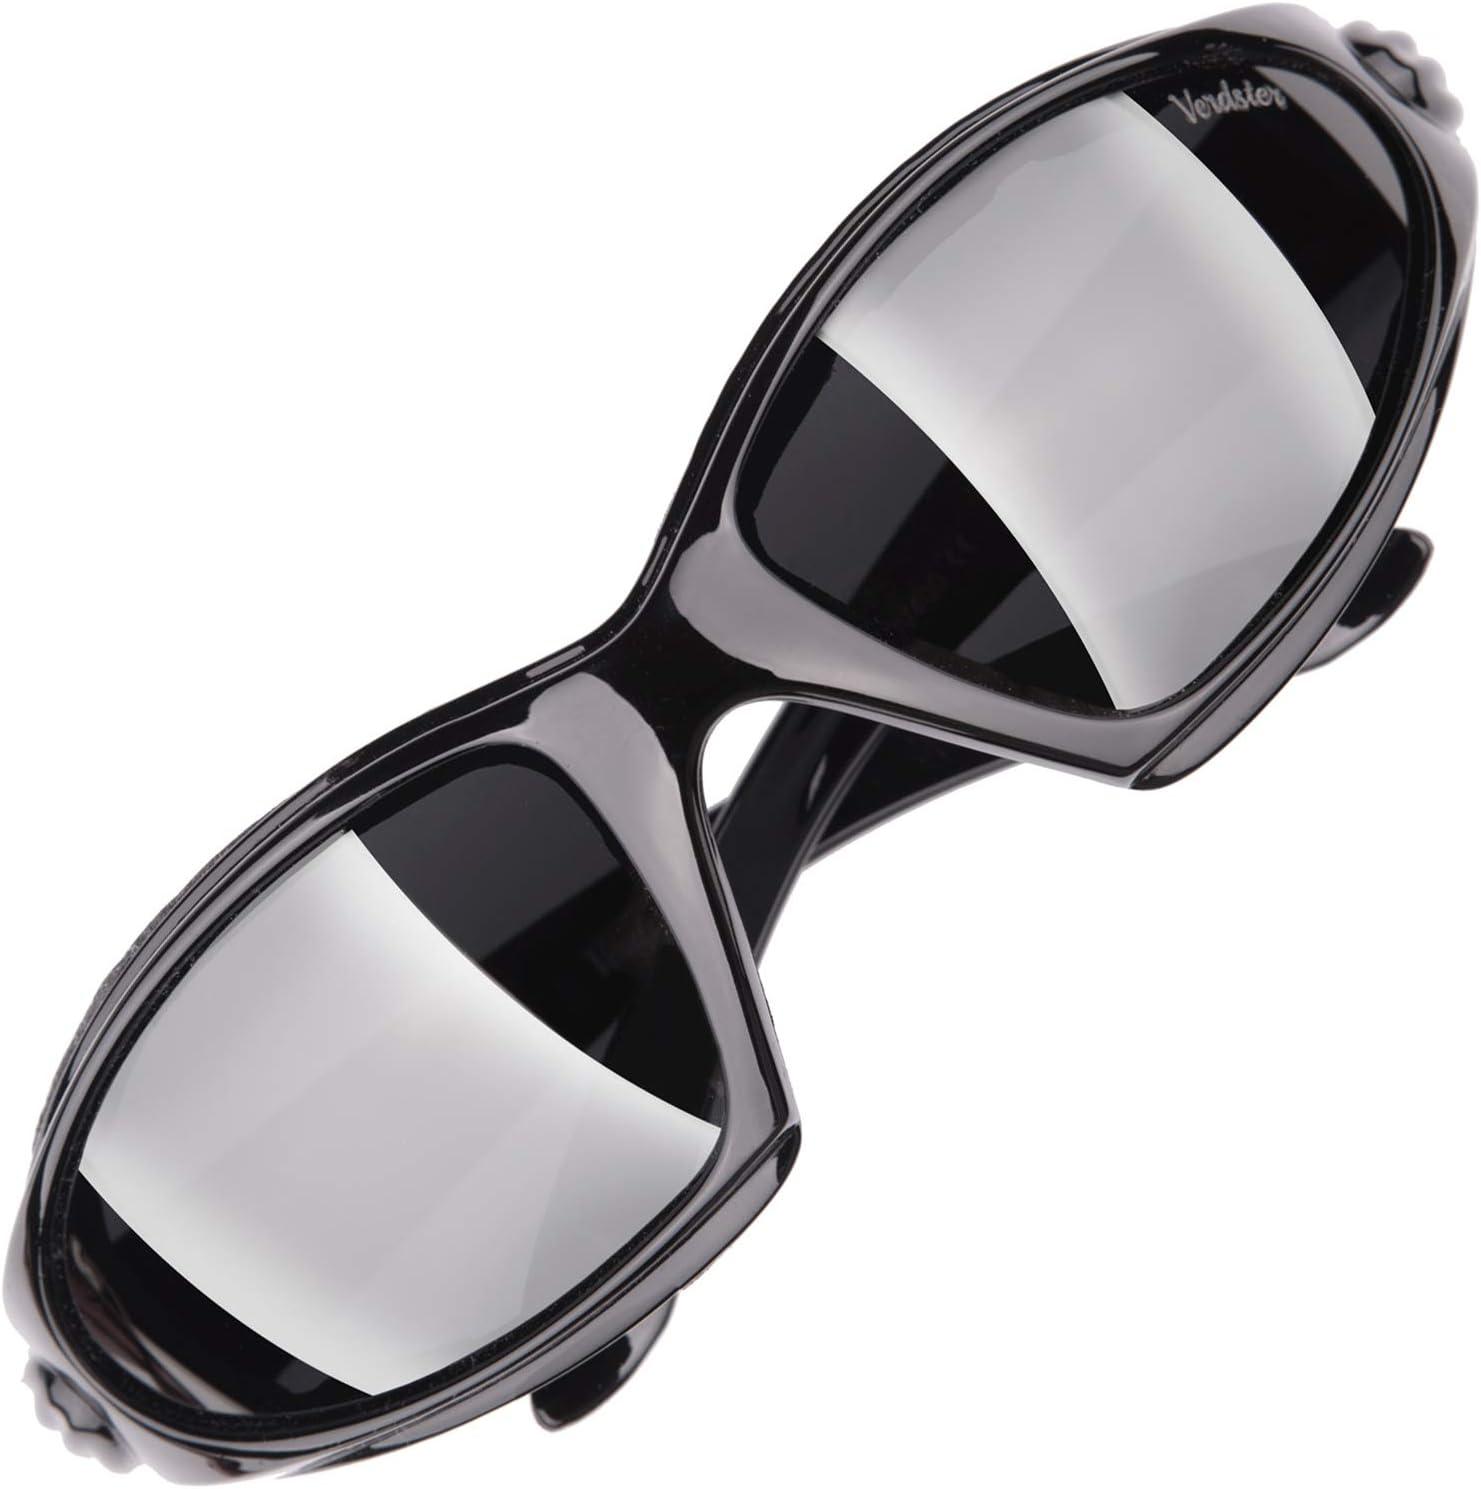 Verdster Gafas de sol Polarizadas Airdam Para Hombres – Aptos para Moto & Conducir – Montura Envolvente Cómoda con Protección UV – Incluye un Estuche, Funda y Pañuelo